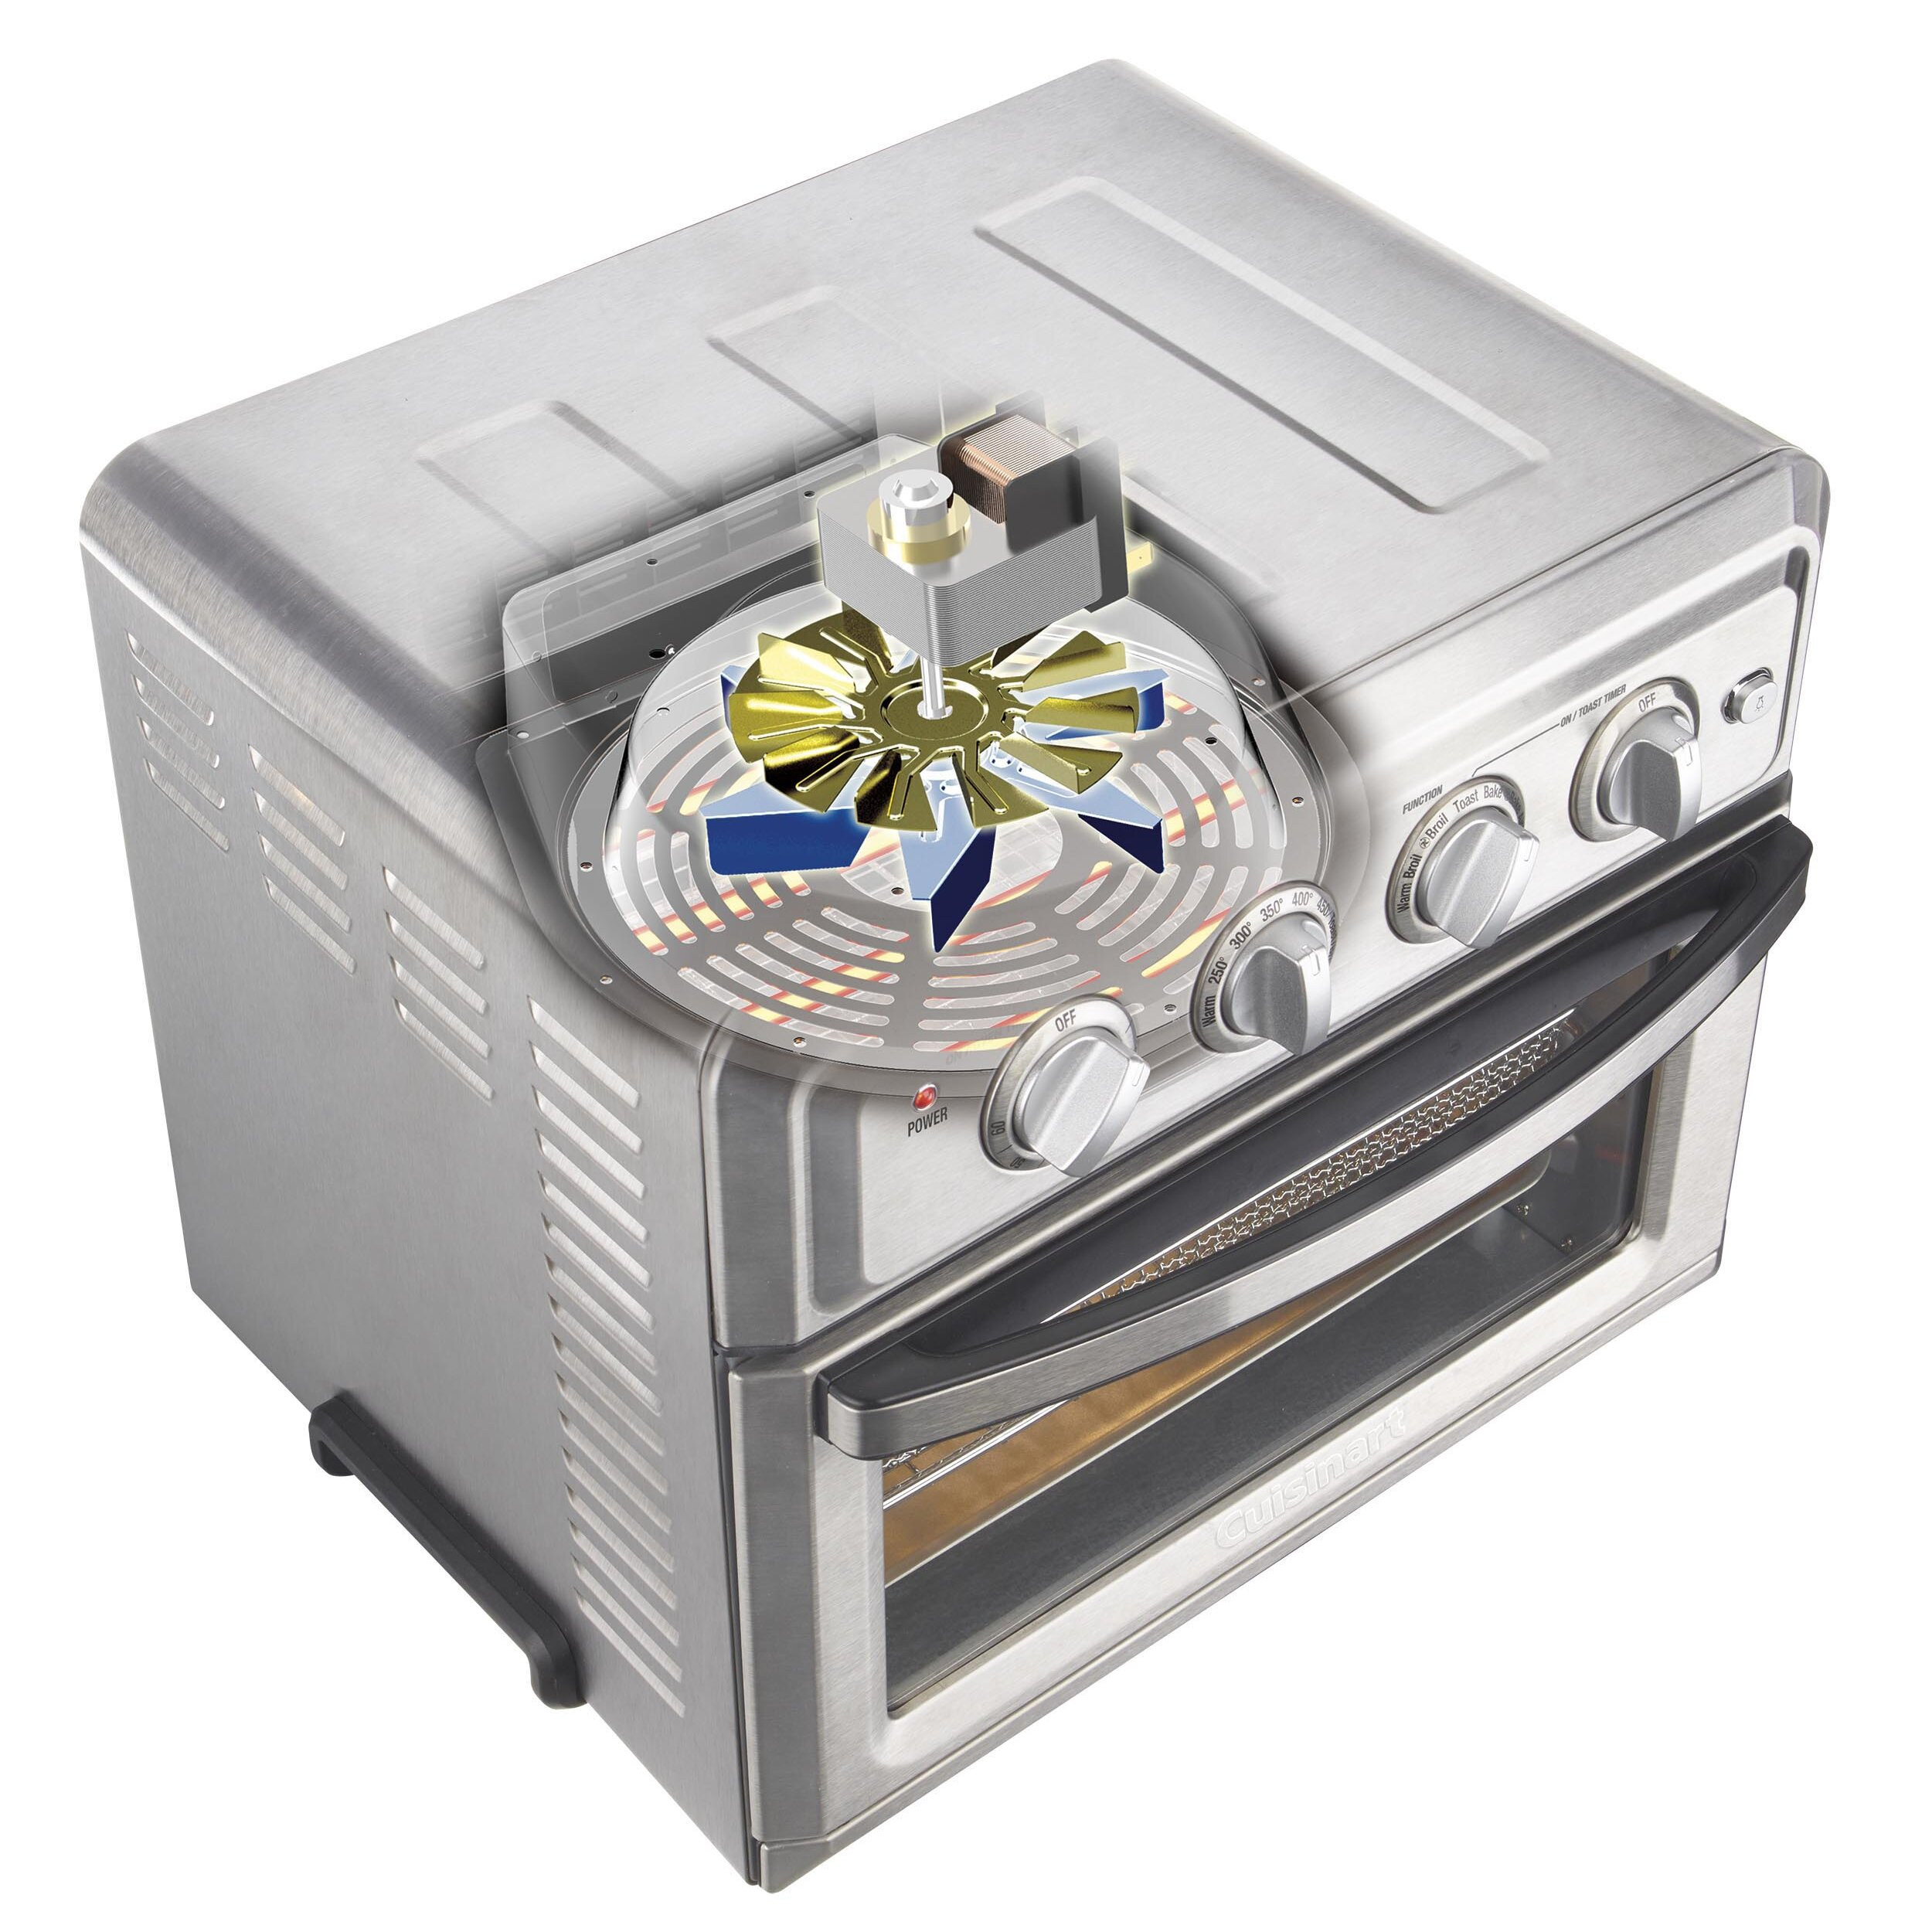 Cuisinart 0.6 Cu. ft. Air Fryer Toaster Oven | Wayfair